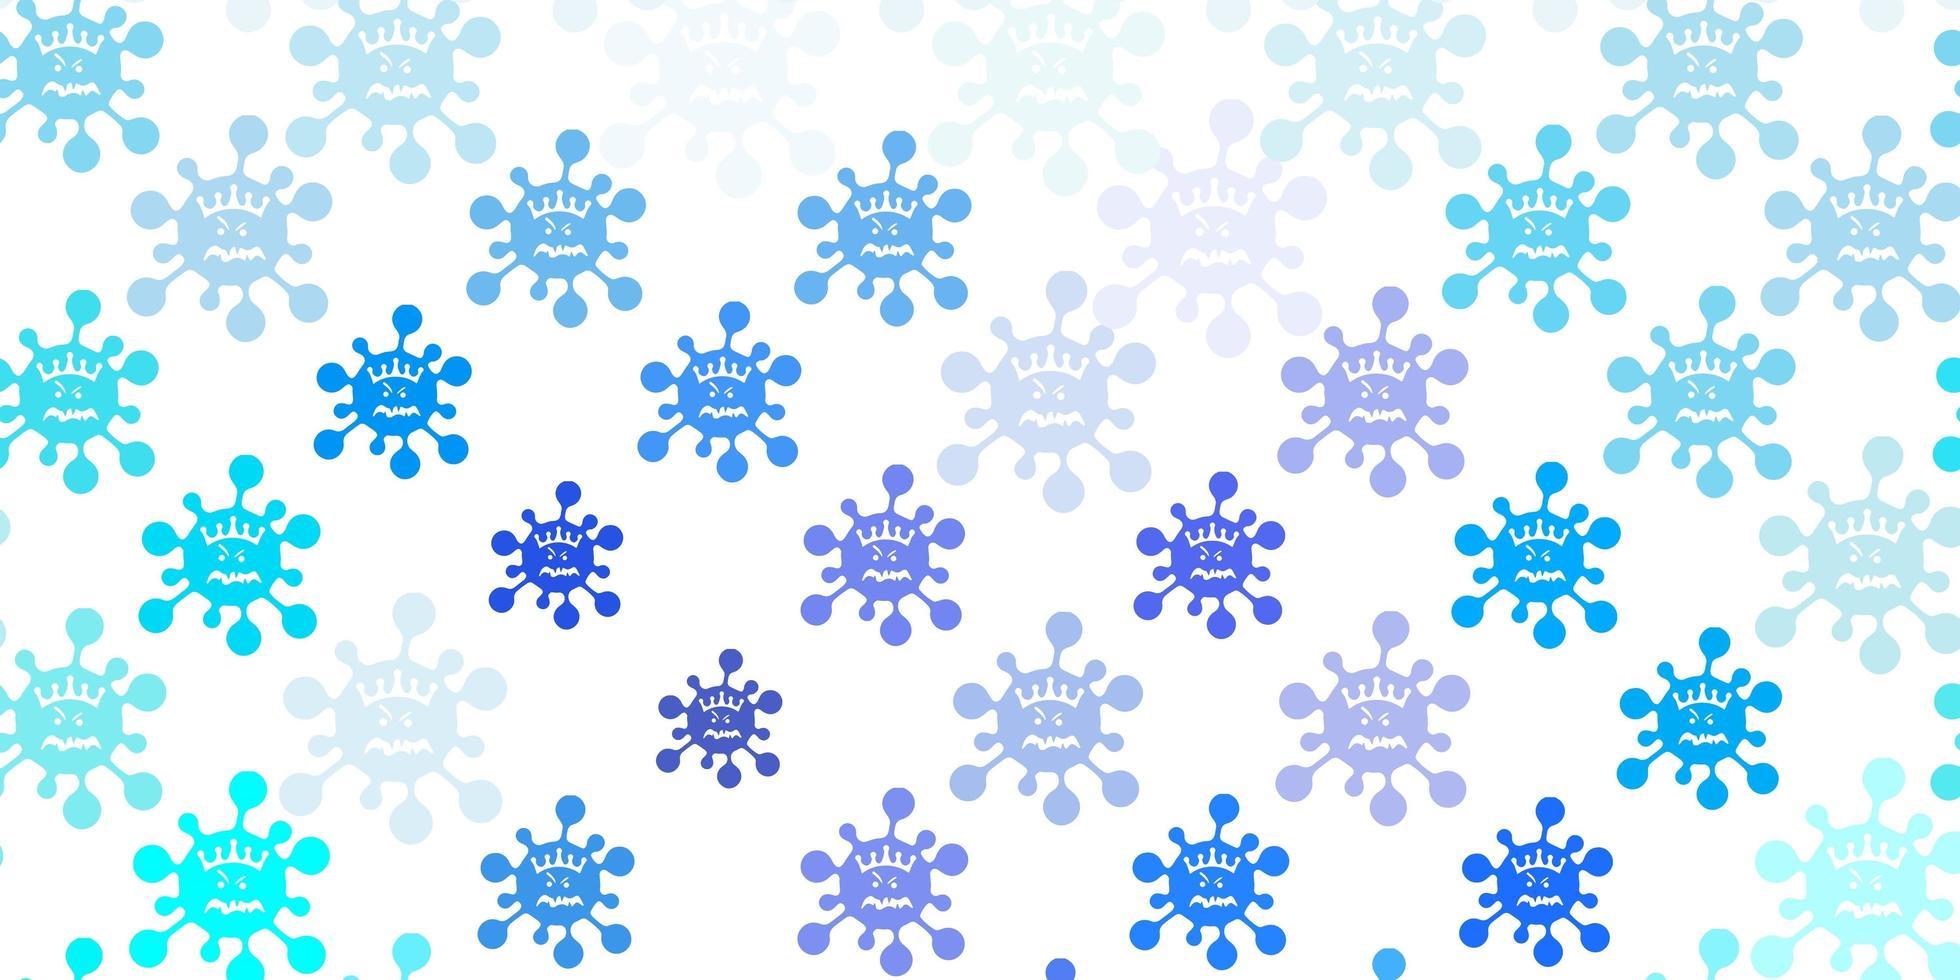 hellblauer Vektorhintergrund mit covid-19 Symbolen. vektor